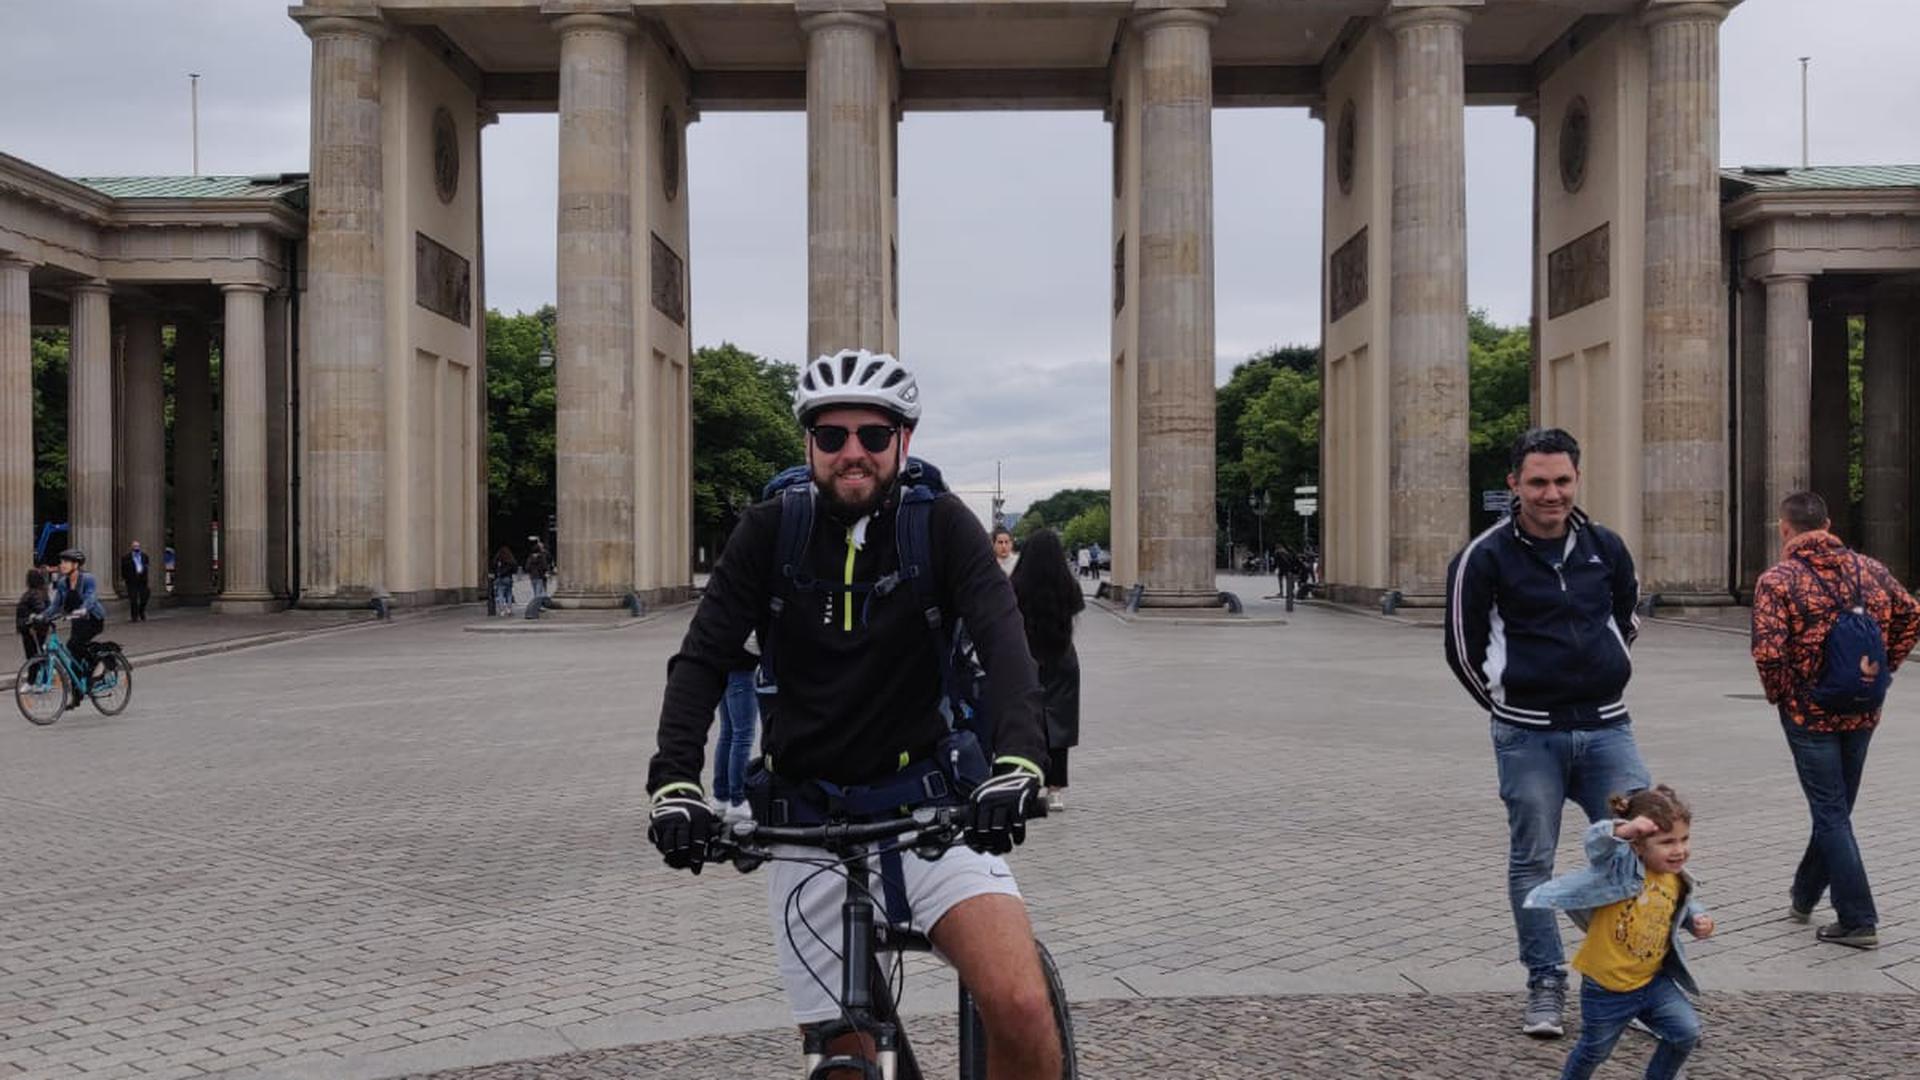 Nach 14 Etappen, 19 Tage und 1.324 km steht der Karlsruher vor dem Brandenburger Tor